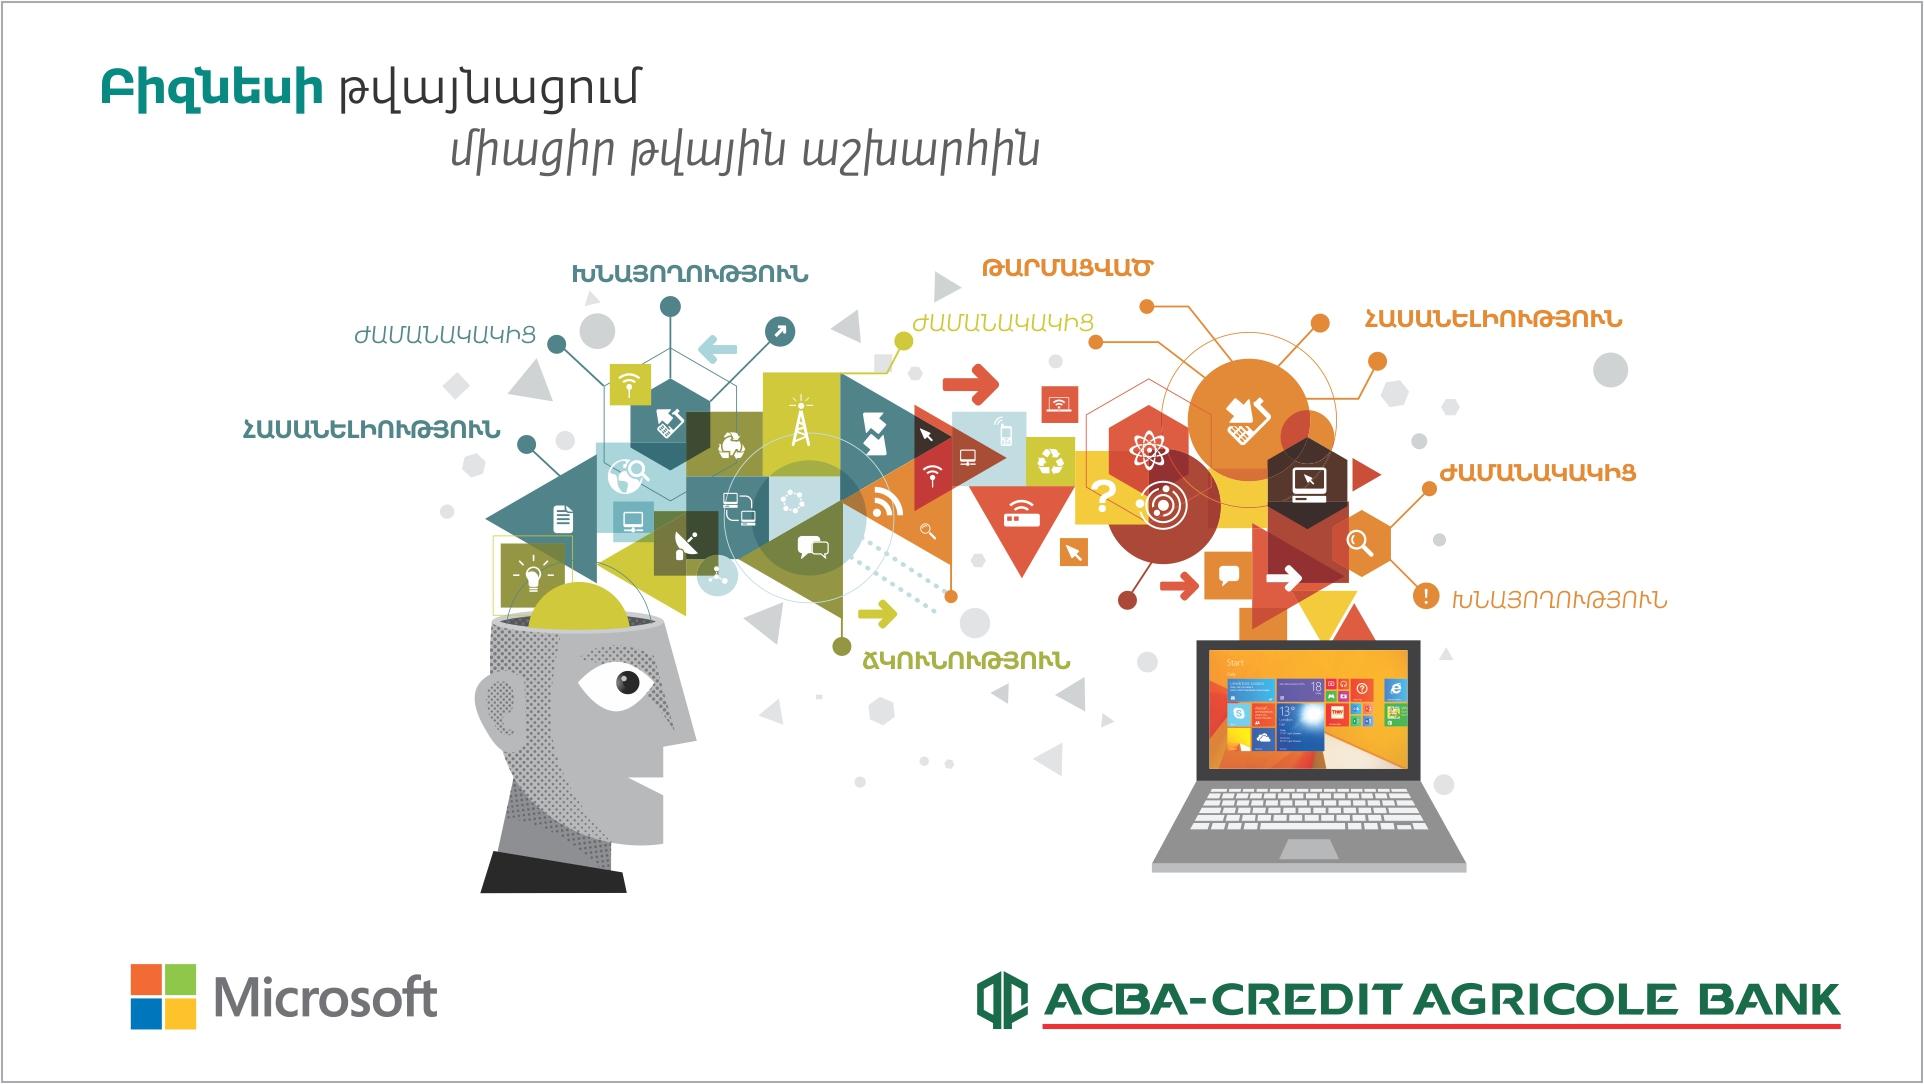 ԱԿԲԱ-ԿՐԵԴԻՏ ԱԳՐԻԿՈԼ ԲԱՆԿ. միացեք բիզնեսի թվային աշխարհին